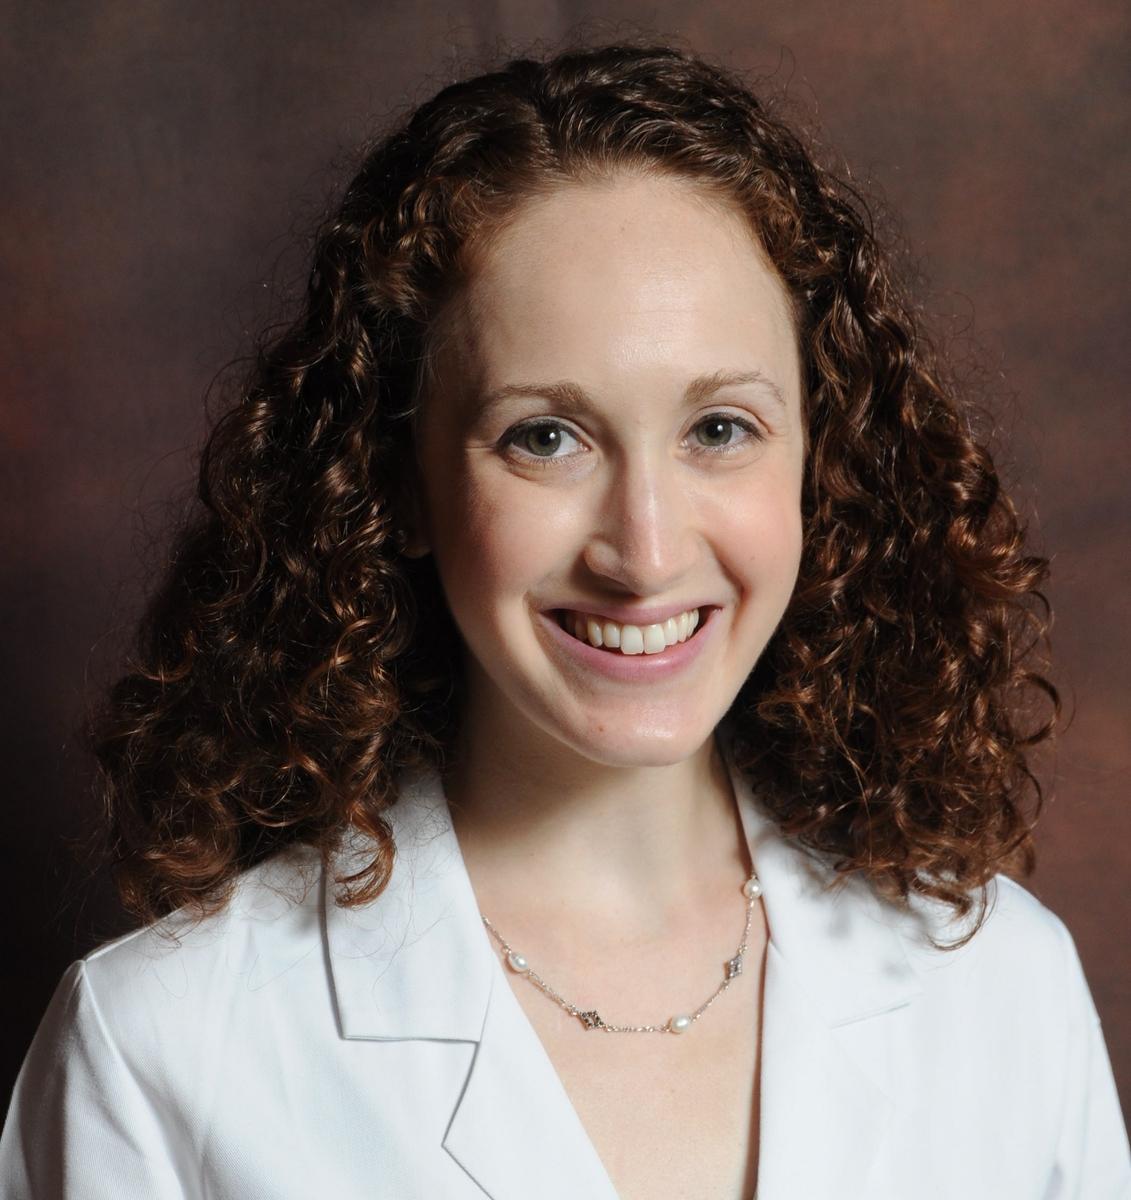 Natalie A. Cameron, M.D.